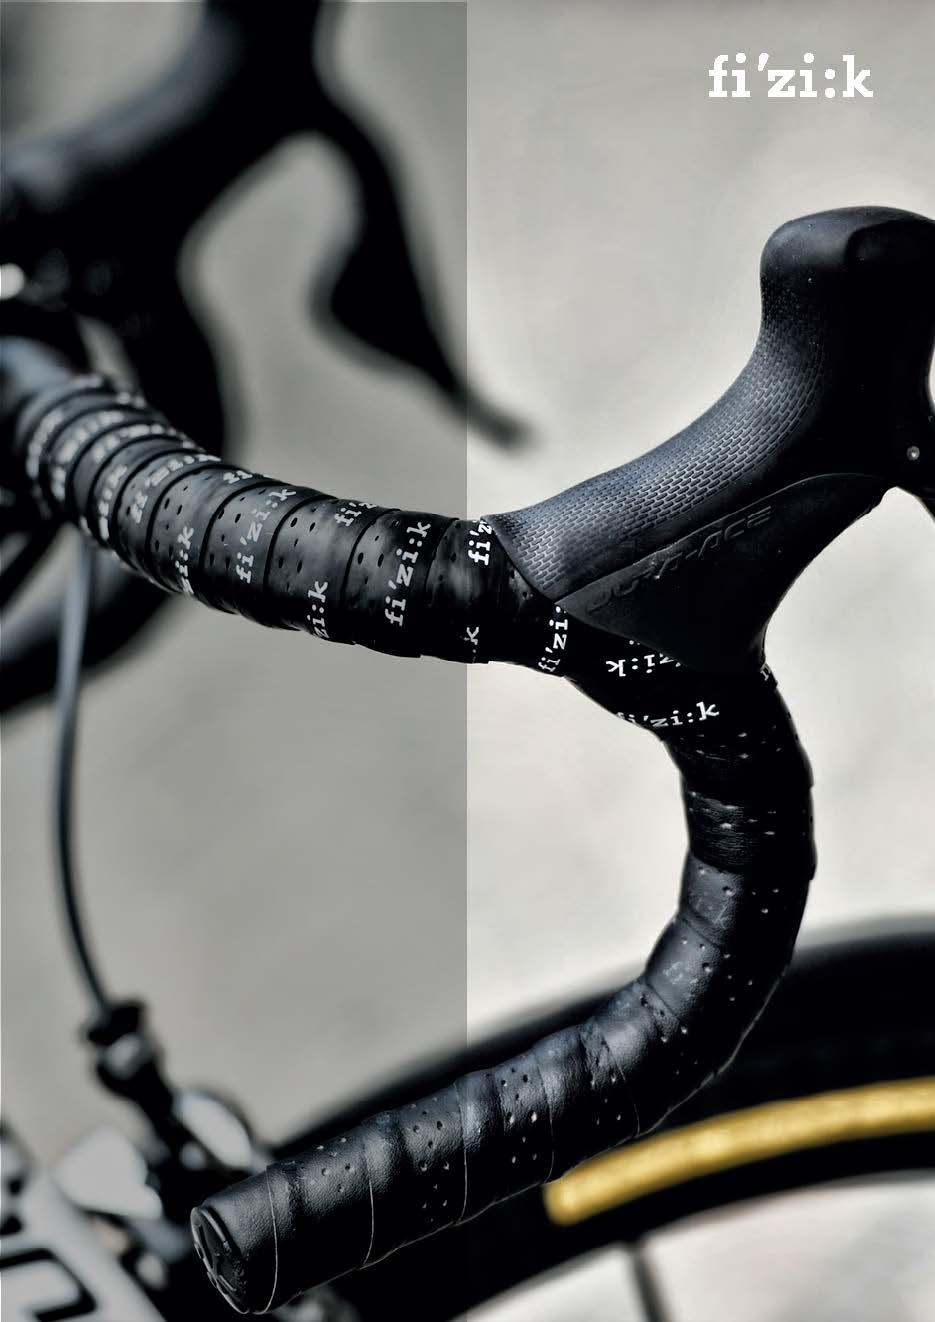 fi'zi:k車把帶三大系列真好握 - 單車誌-Cycling update